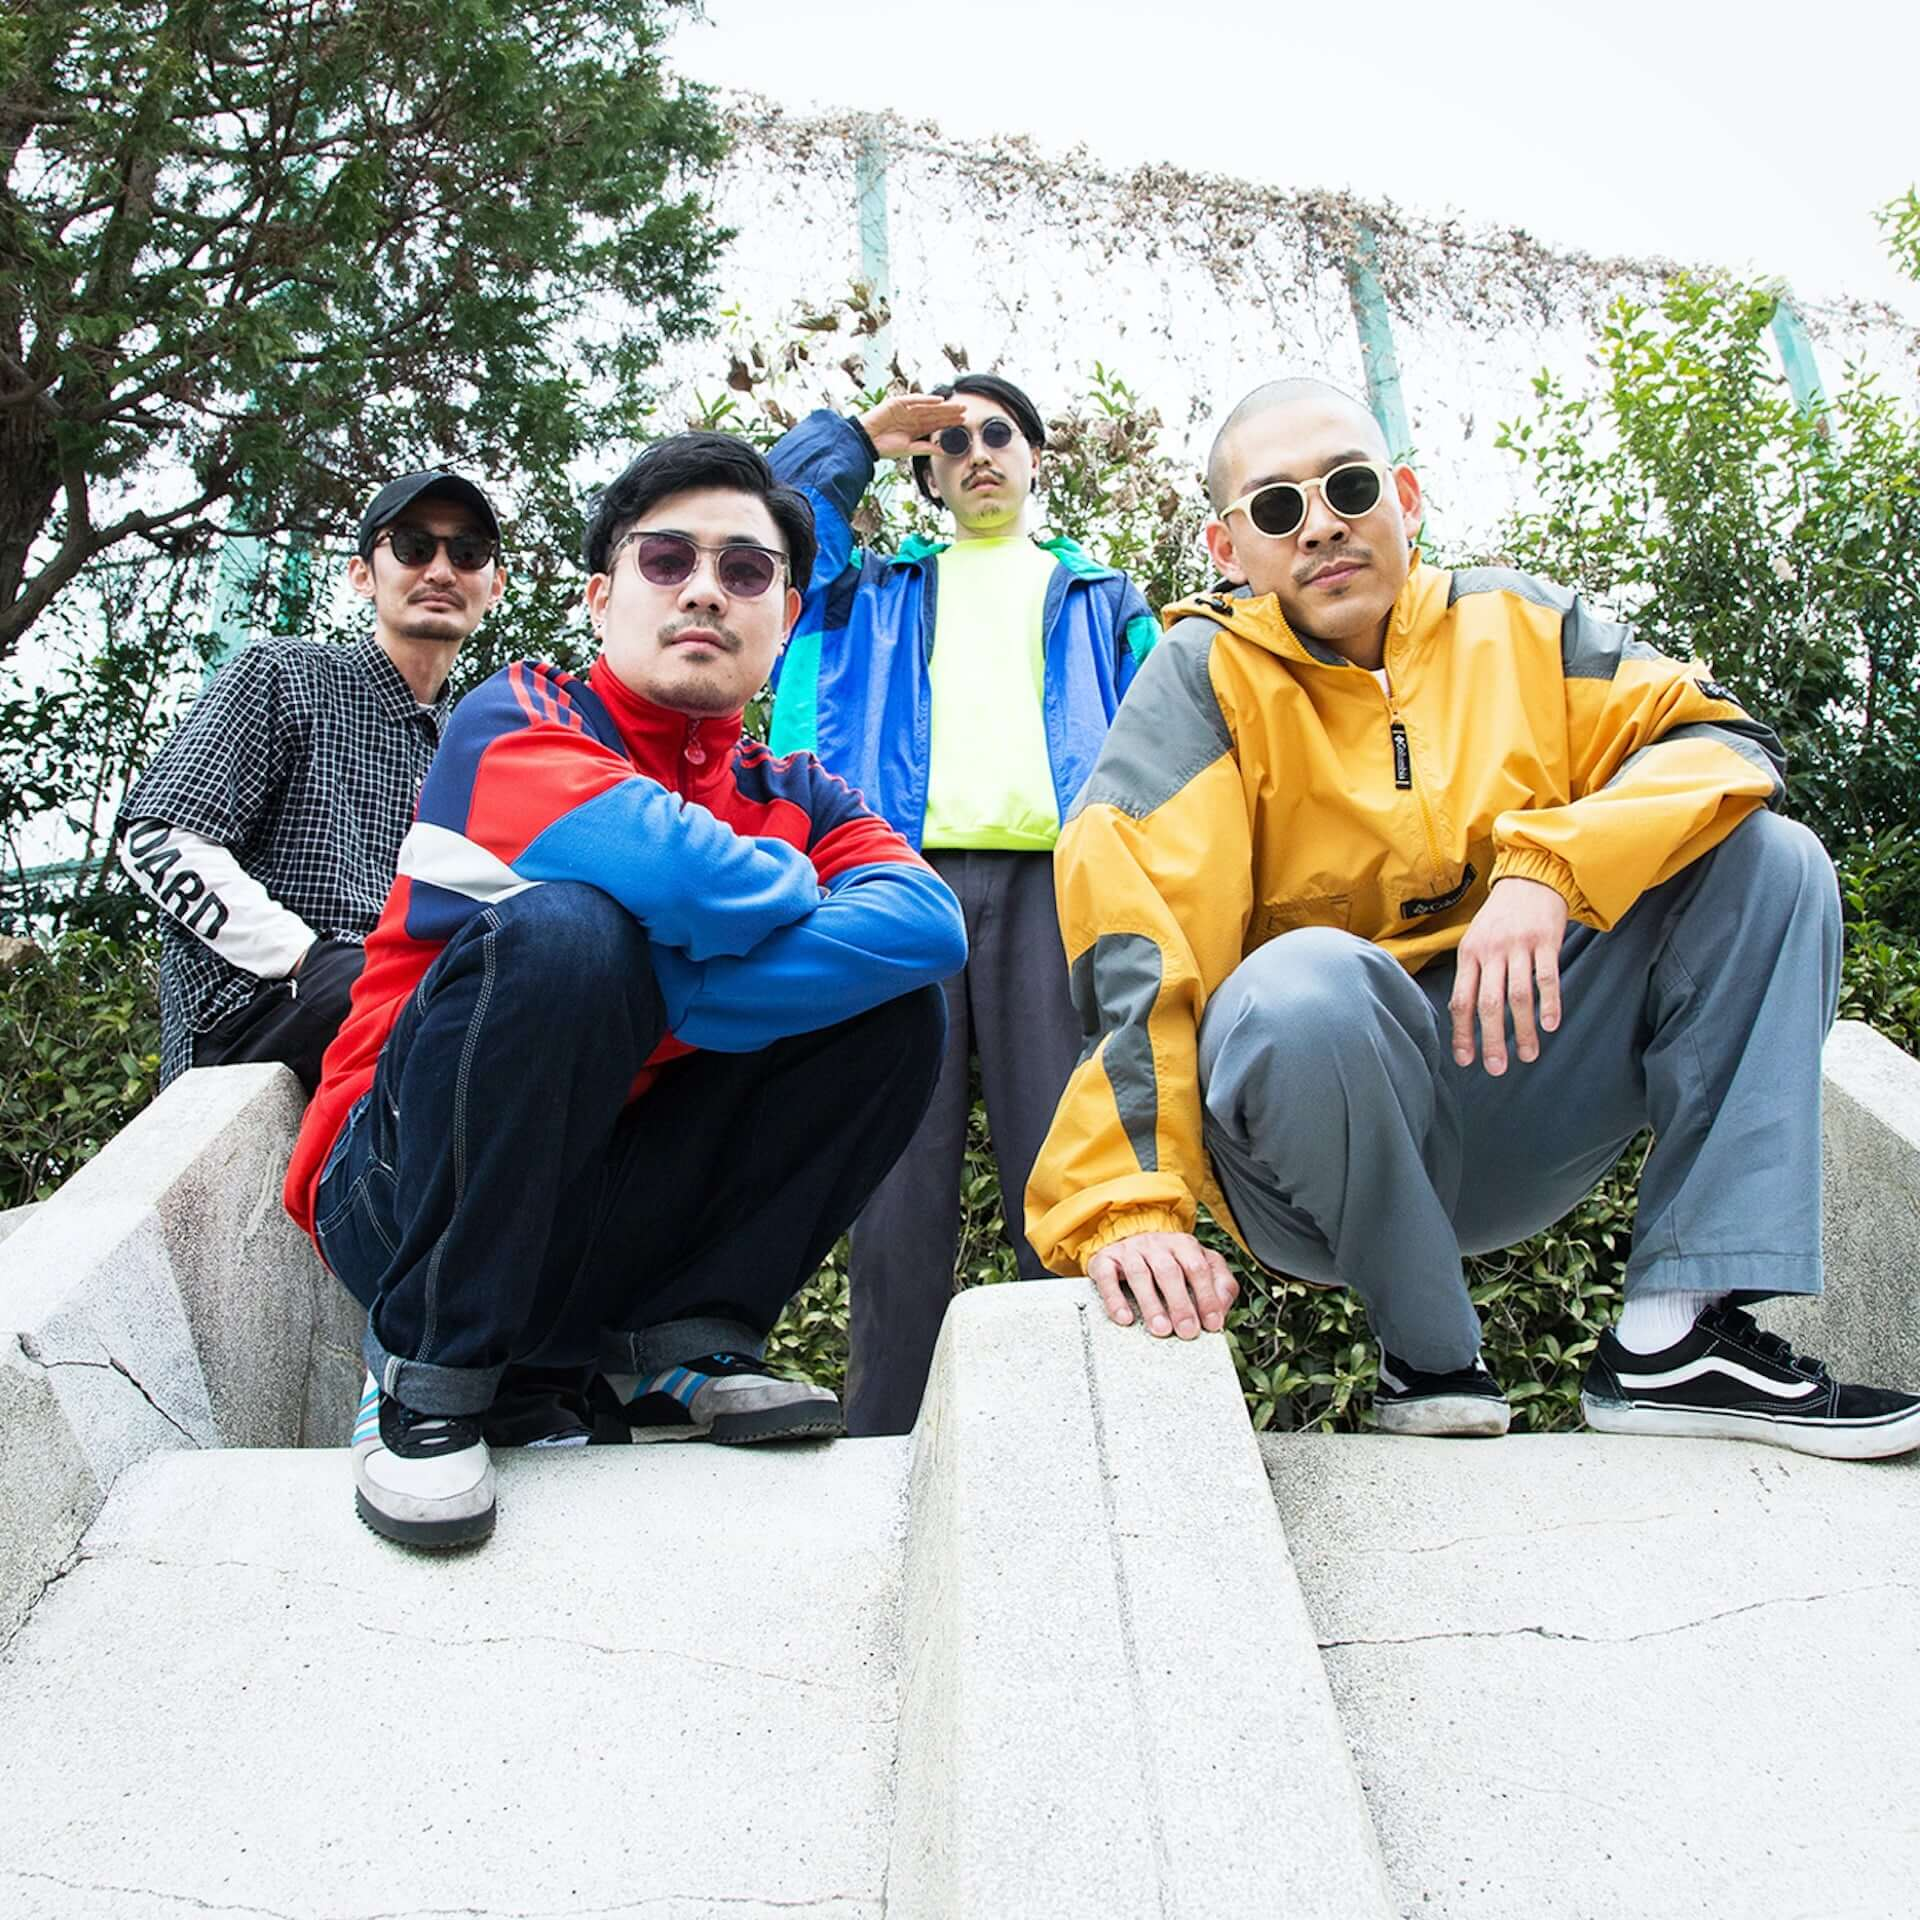 """TOKYO HEALTH CLUBがおかもとえみを迎えた""""夢のような(REMIX)""""をリリース!木村太一が手掛けたMVも公開 music200904_tokyohealthclub_3-1920x1920"""